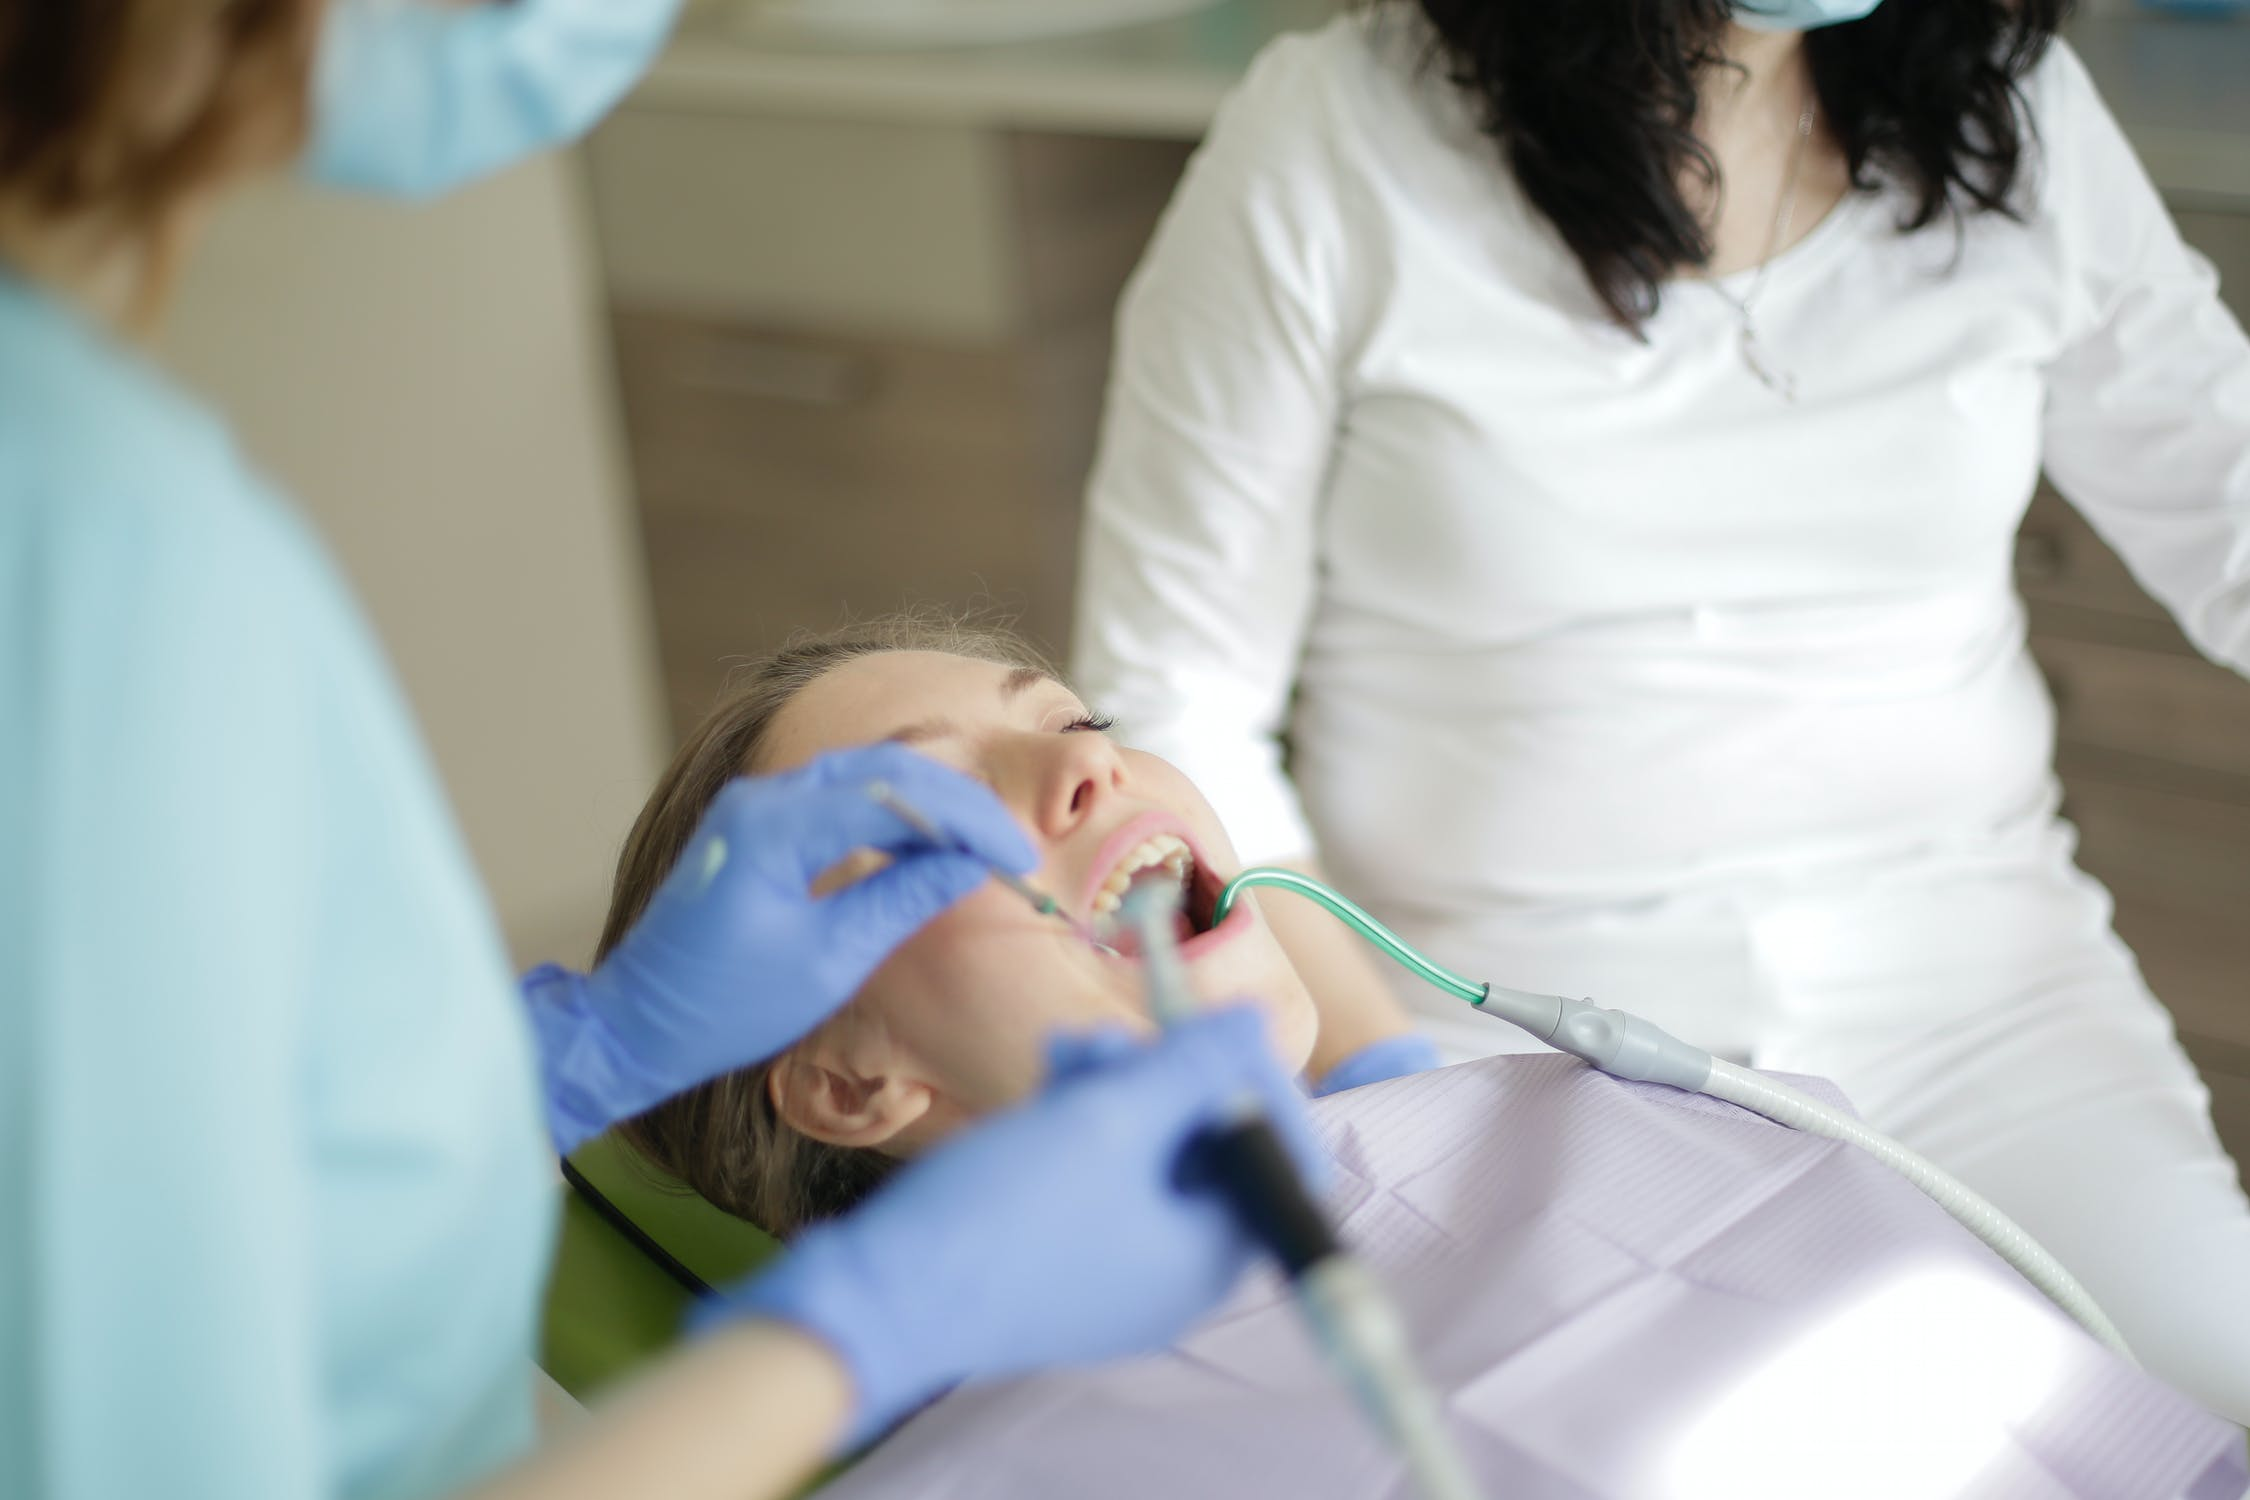 common causes of gum disease